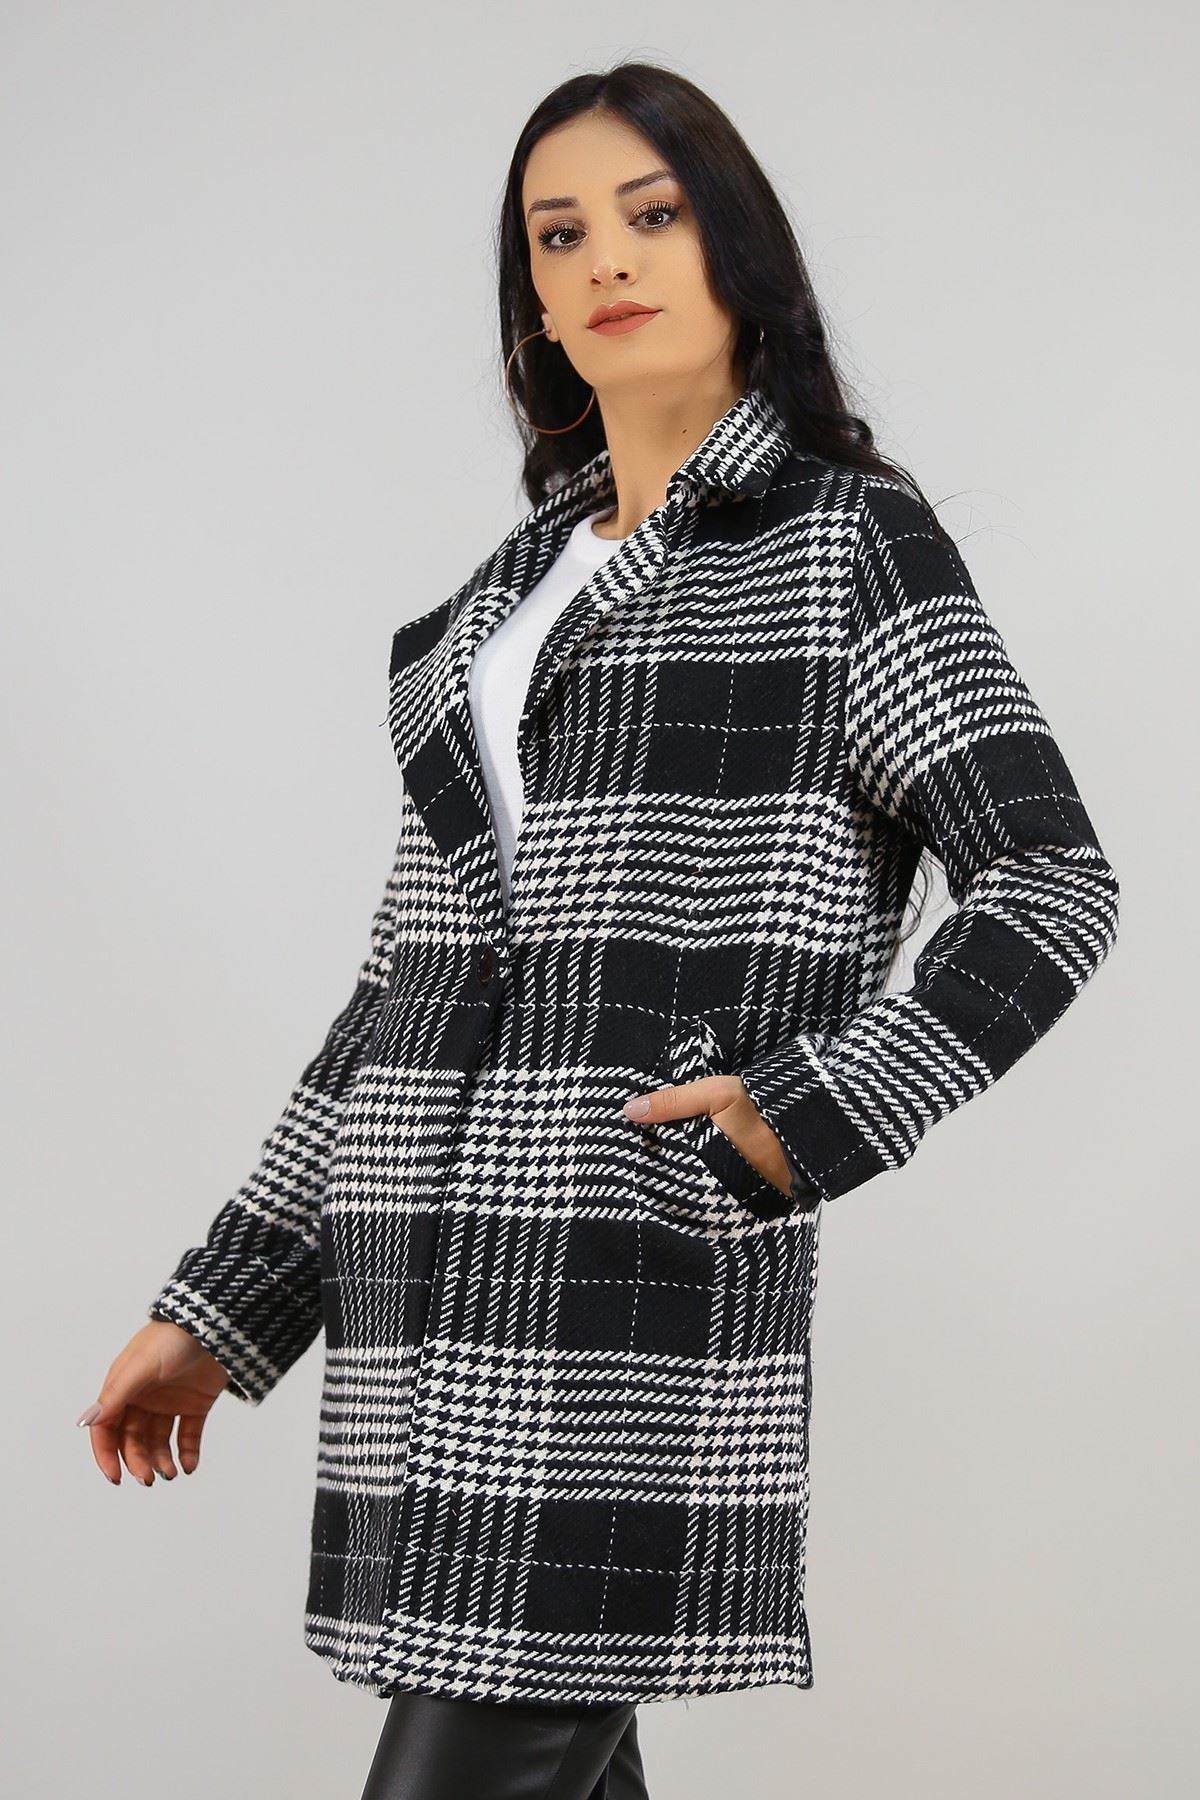 Astarlı Ceket Siyahbeyaz - 19151.101.